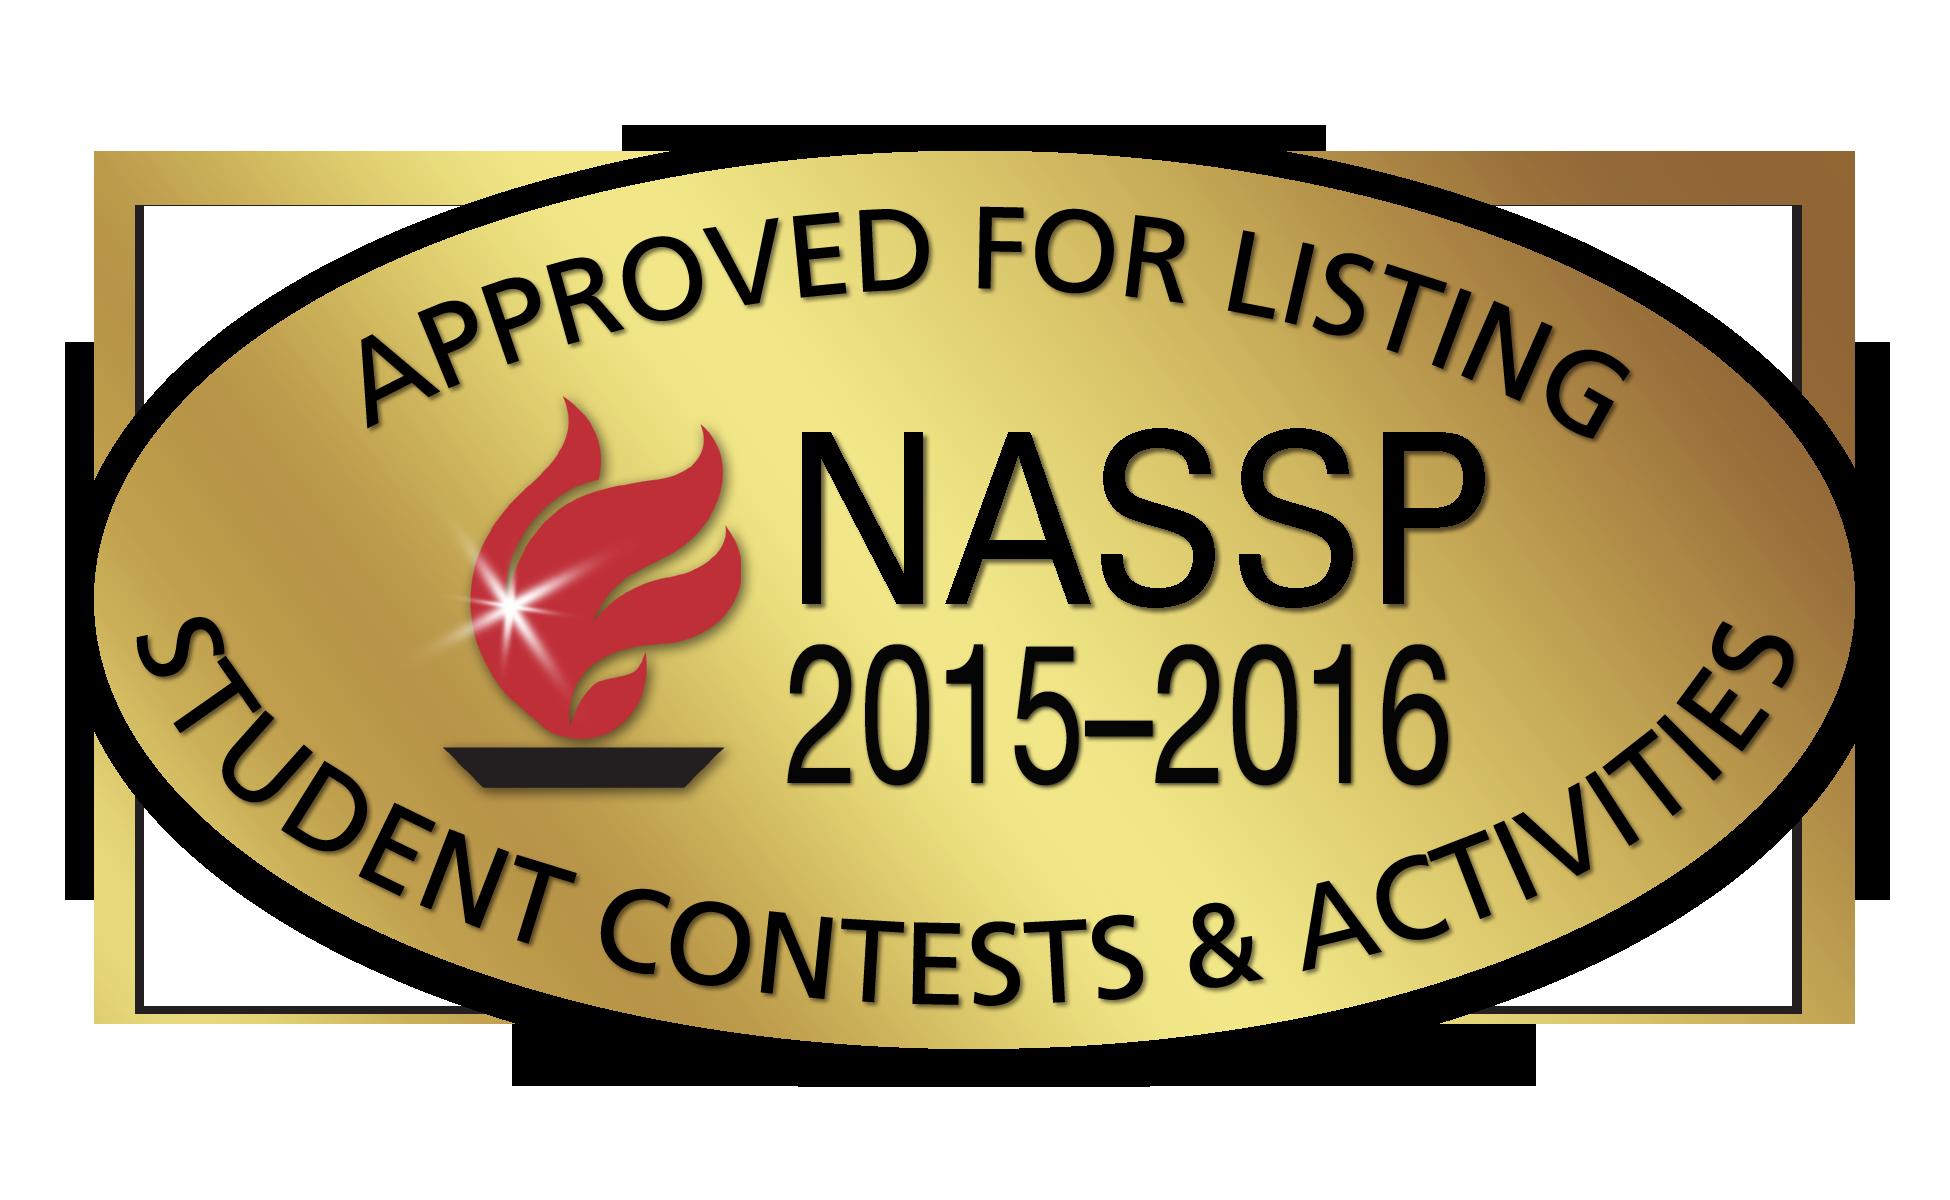 NASSP Student Contests & Activities